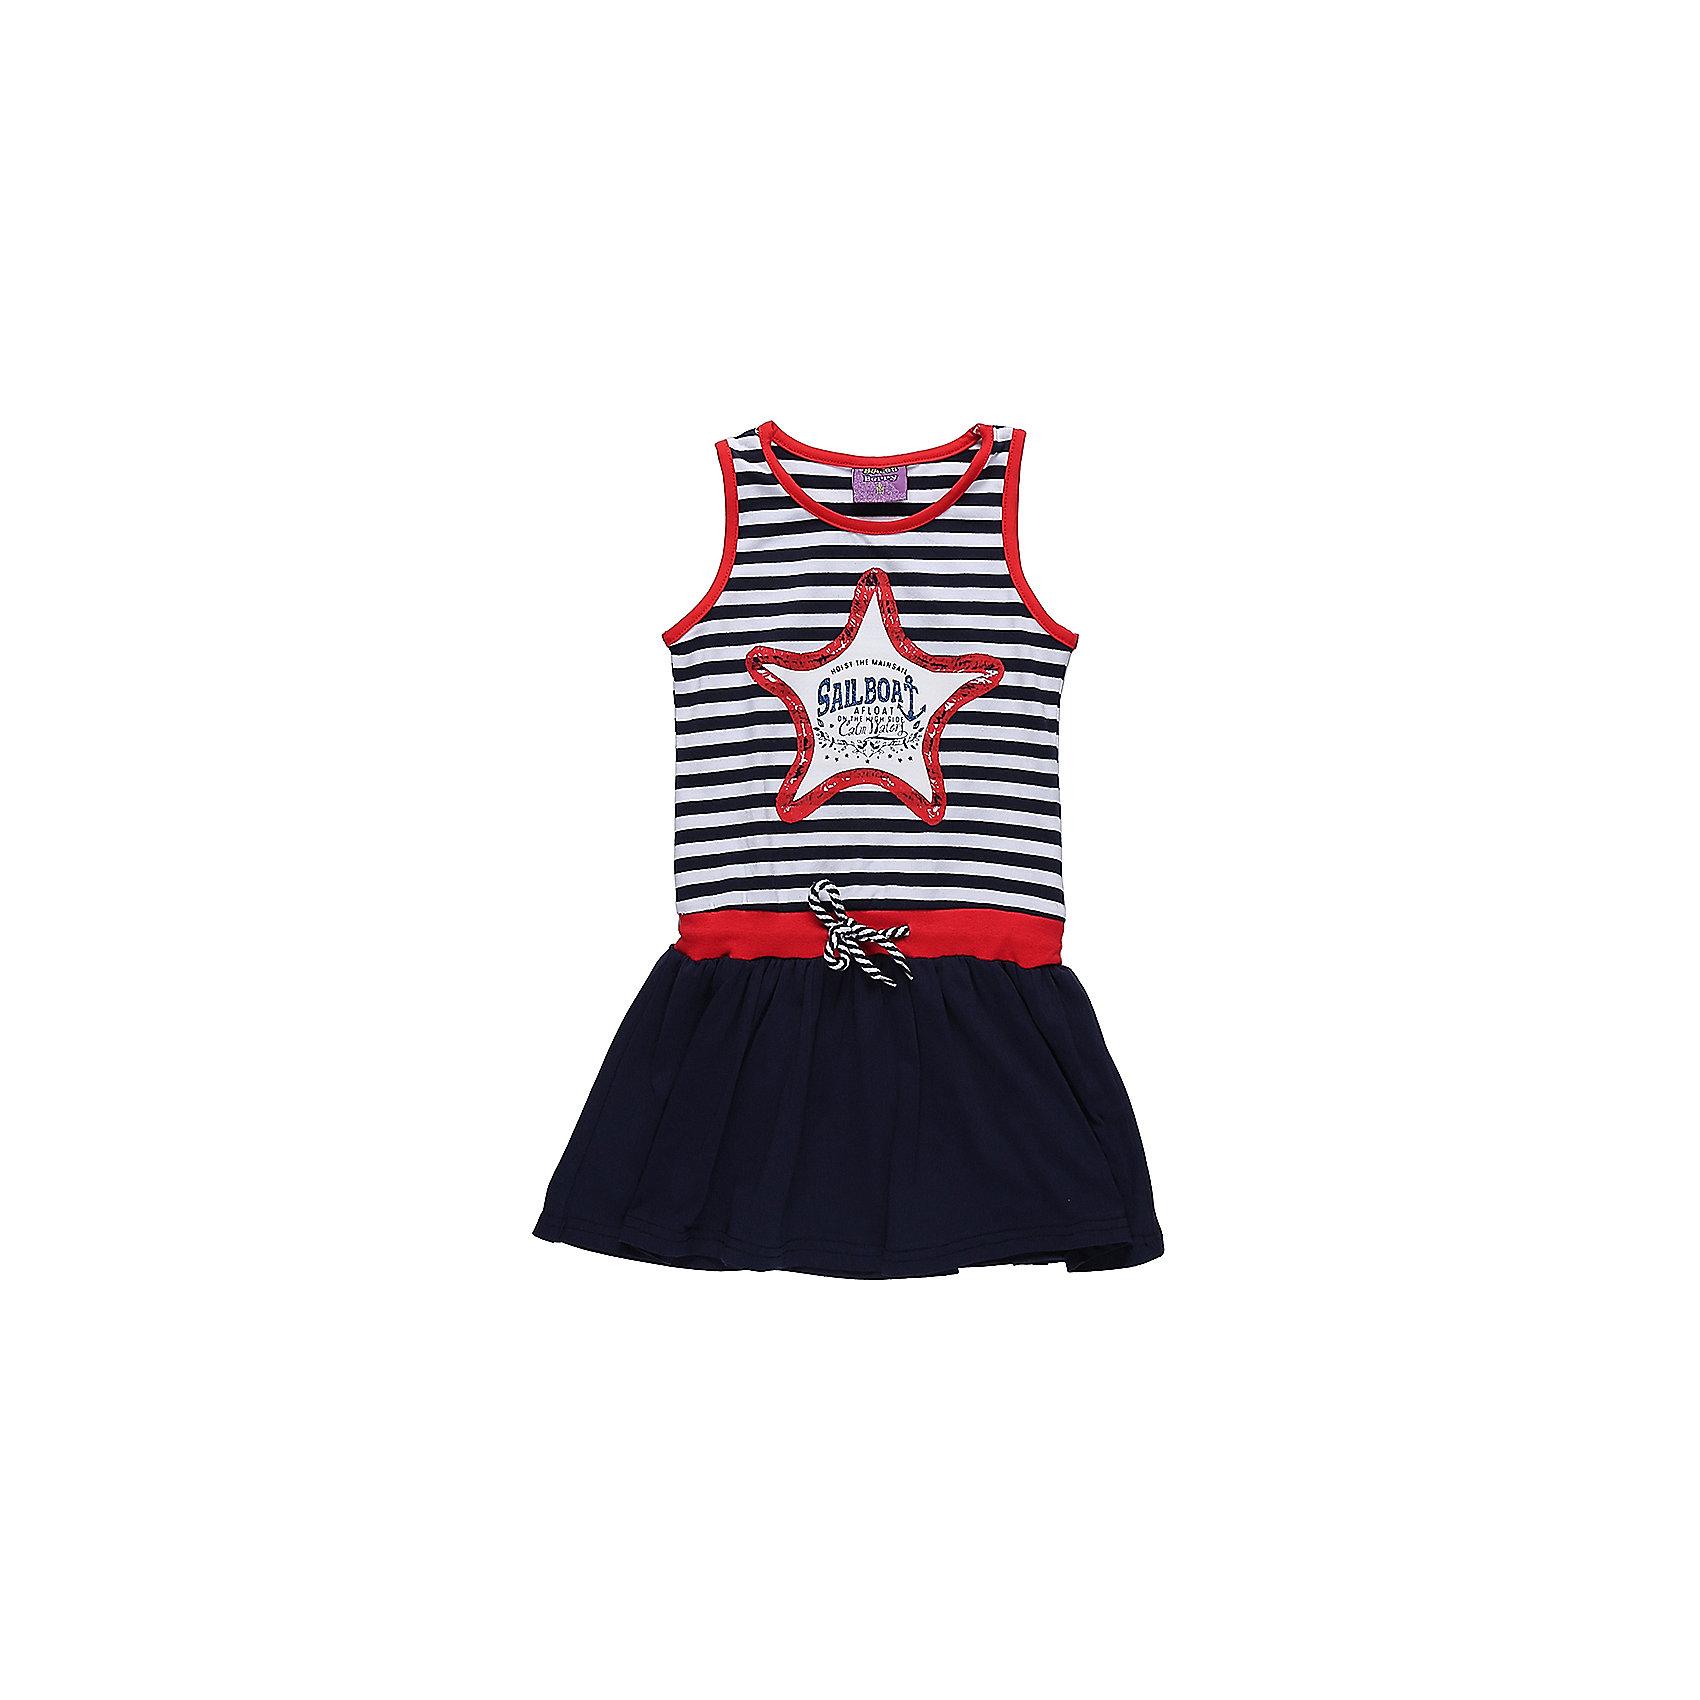 Платье для девочки Sweet BerryПлатья и сарафаны<br>Трикотажное платье для девочки без рукавов в полоску. Декрированно оригинальным принтом и контрастным воланом.<br>Состав:<br>95%хлопок 5%эластан<br><br>Ширина мм: 236<br>Глубина мм: 16<br>Высота мм: 184<br>Вес г: 177<br>Цвет: синий<br>Возраст от месяцев: 36<br>Возраст до месяцев: 48<br>Пол: Женский<br>Возраст: Детский<br>Размер: 104,98,110,116,122,128<br>SKU: 5412092